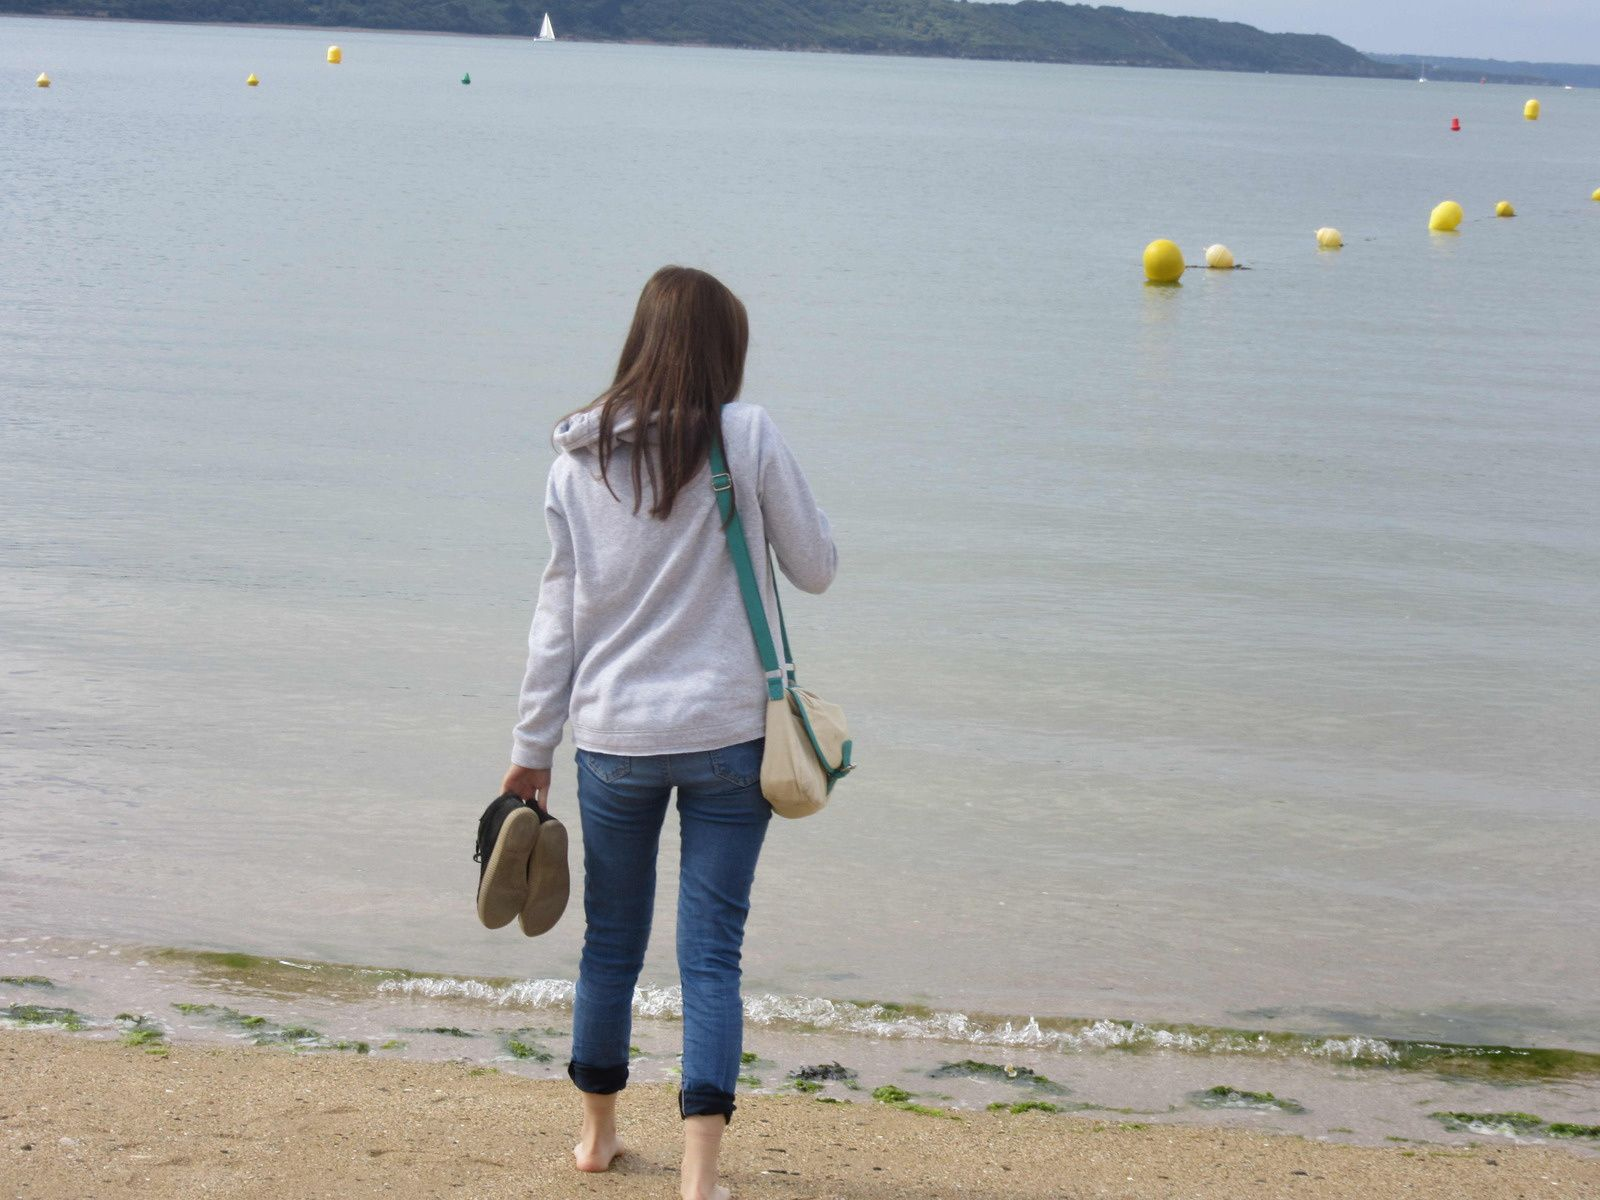 Brève découverte de la plage du Relecq-Kerhuon et de Plougastel